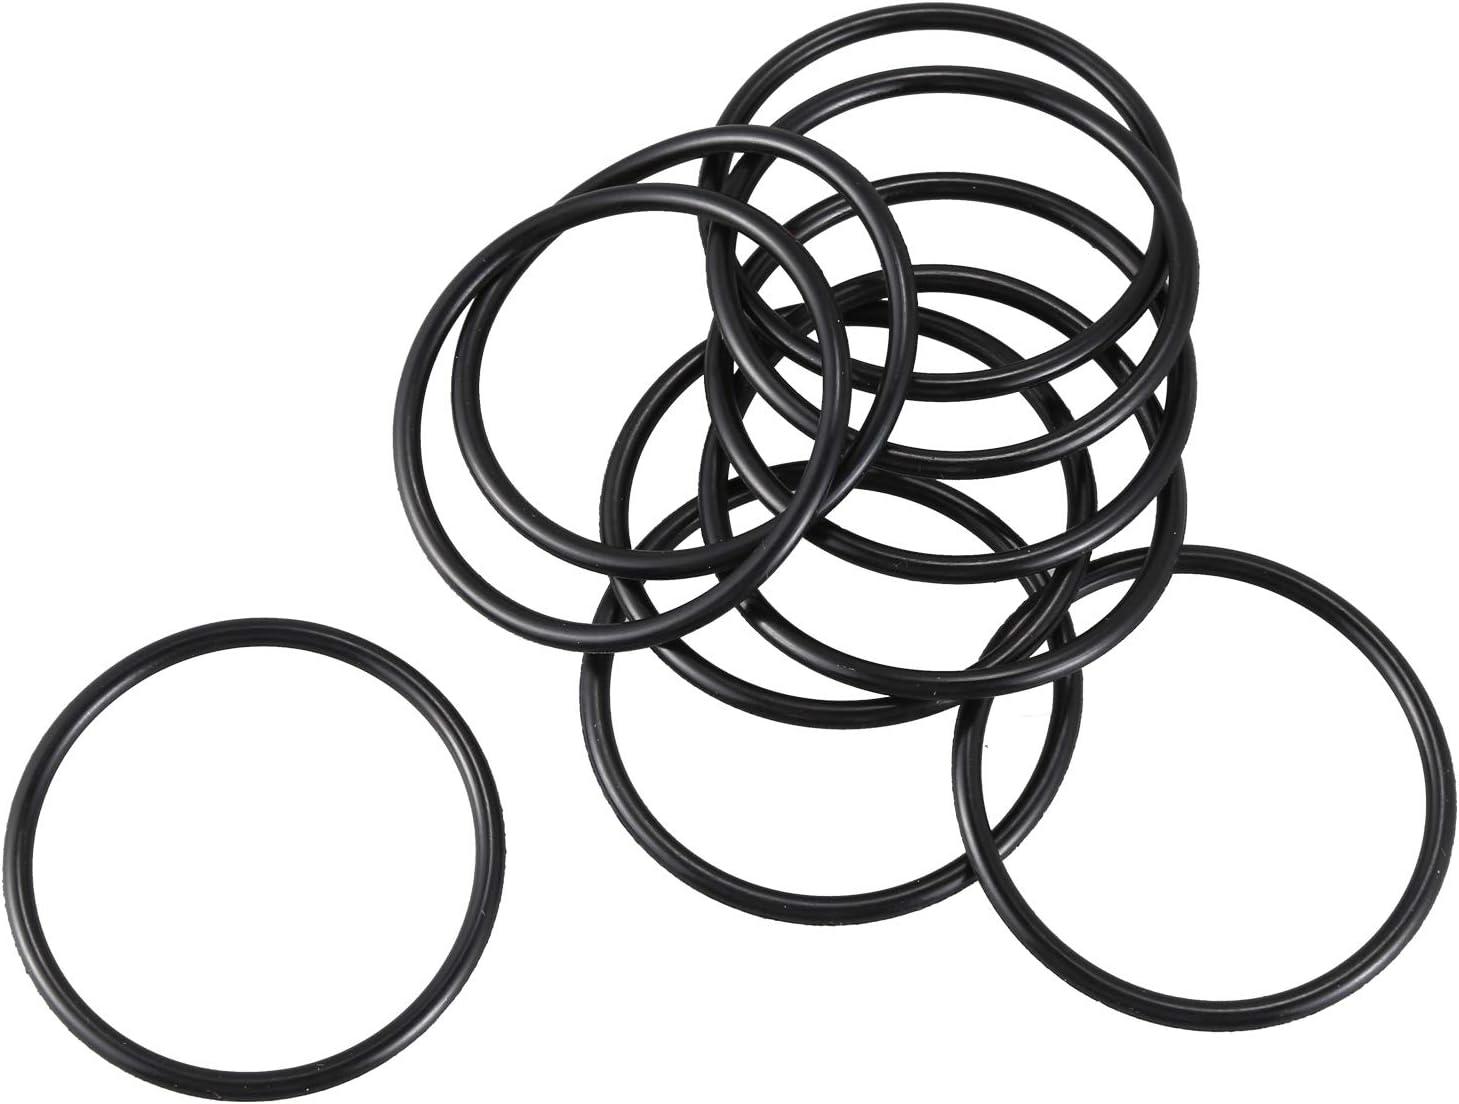 Tmand 10 Stueck Schwarz Gummi Oil Seal O-Ringe Dichtungen Unterlegscheiben 40x35x2.5mm